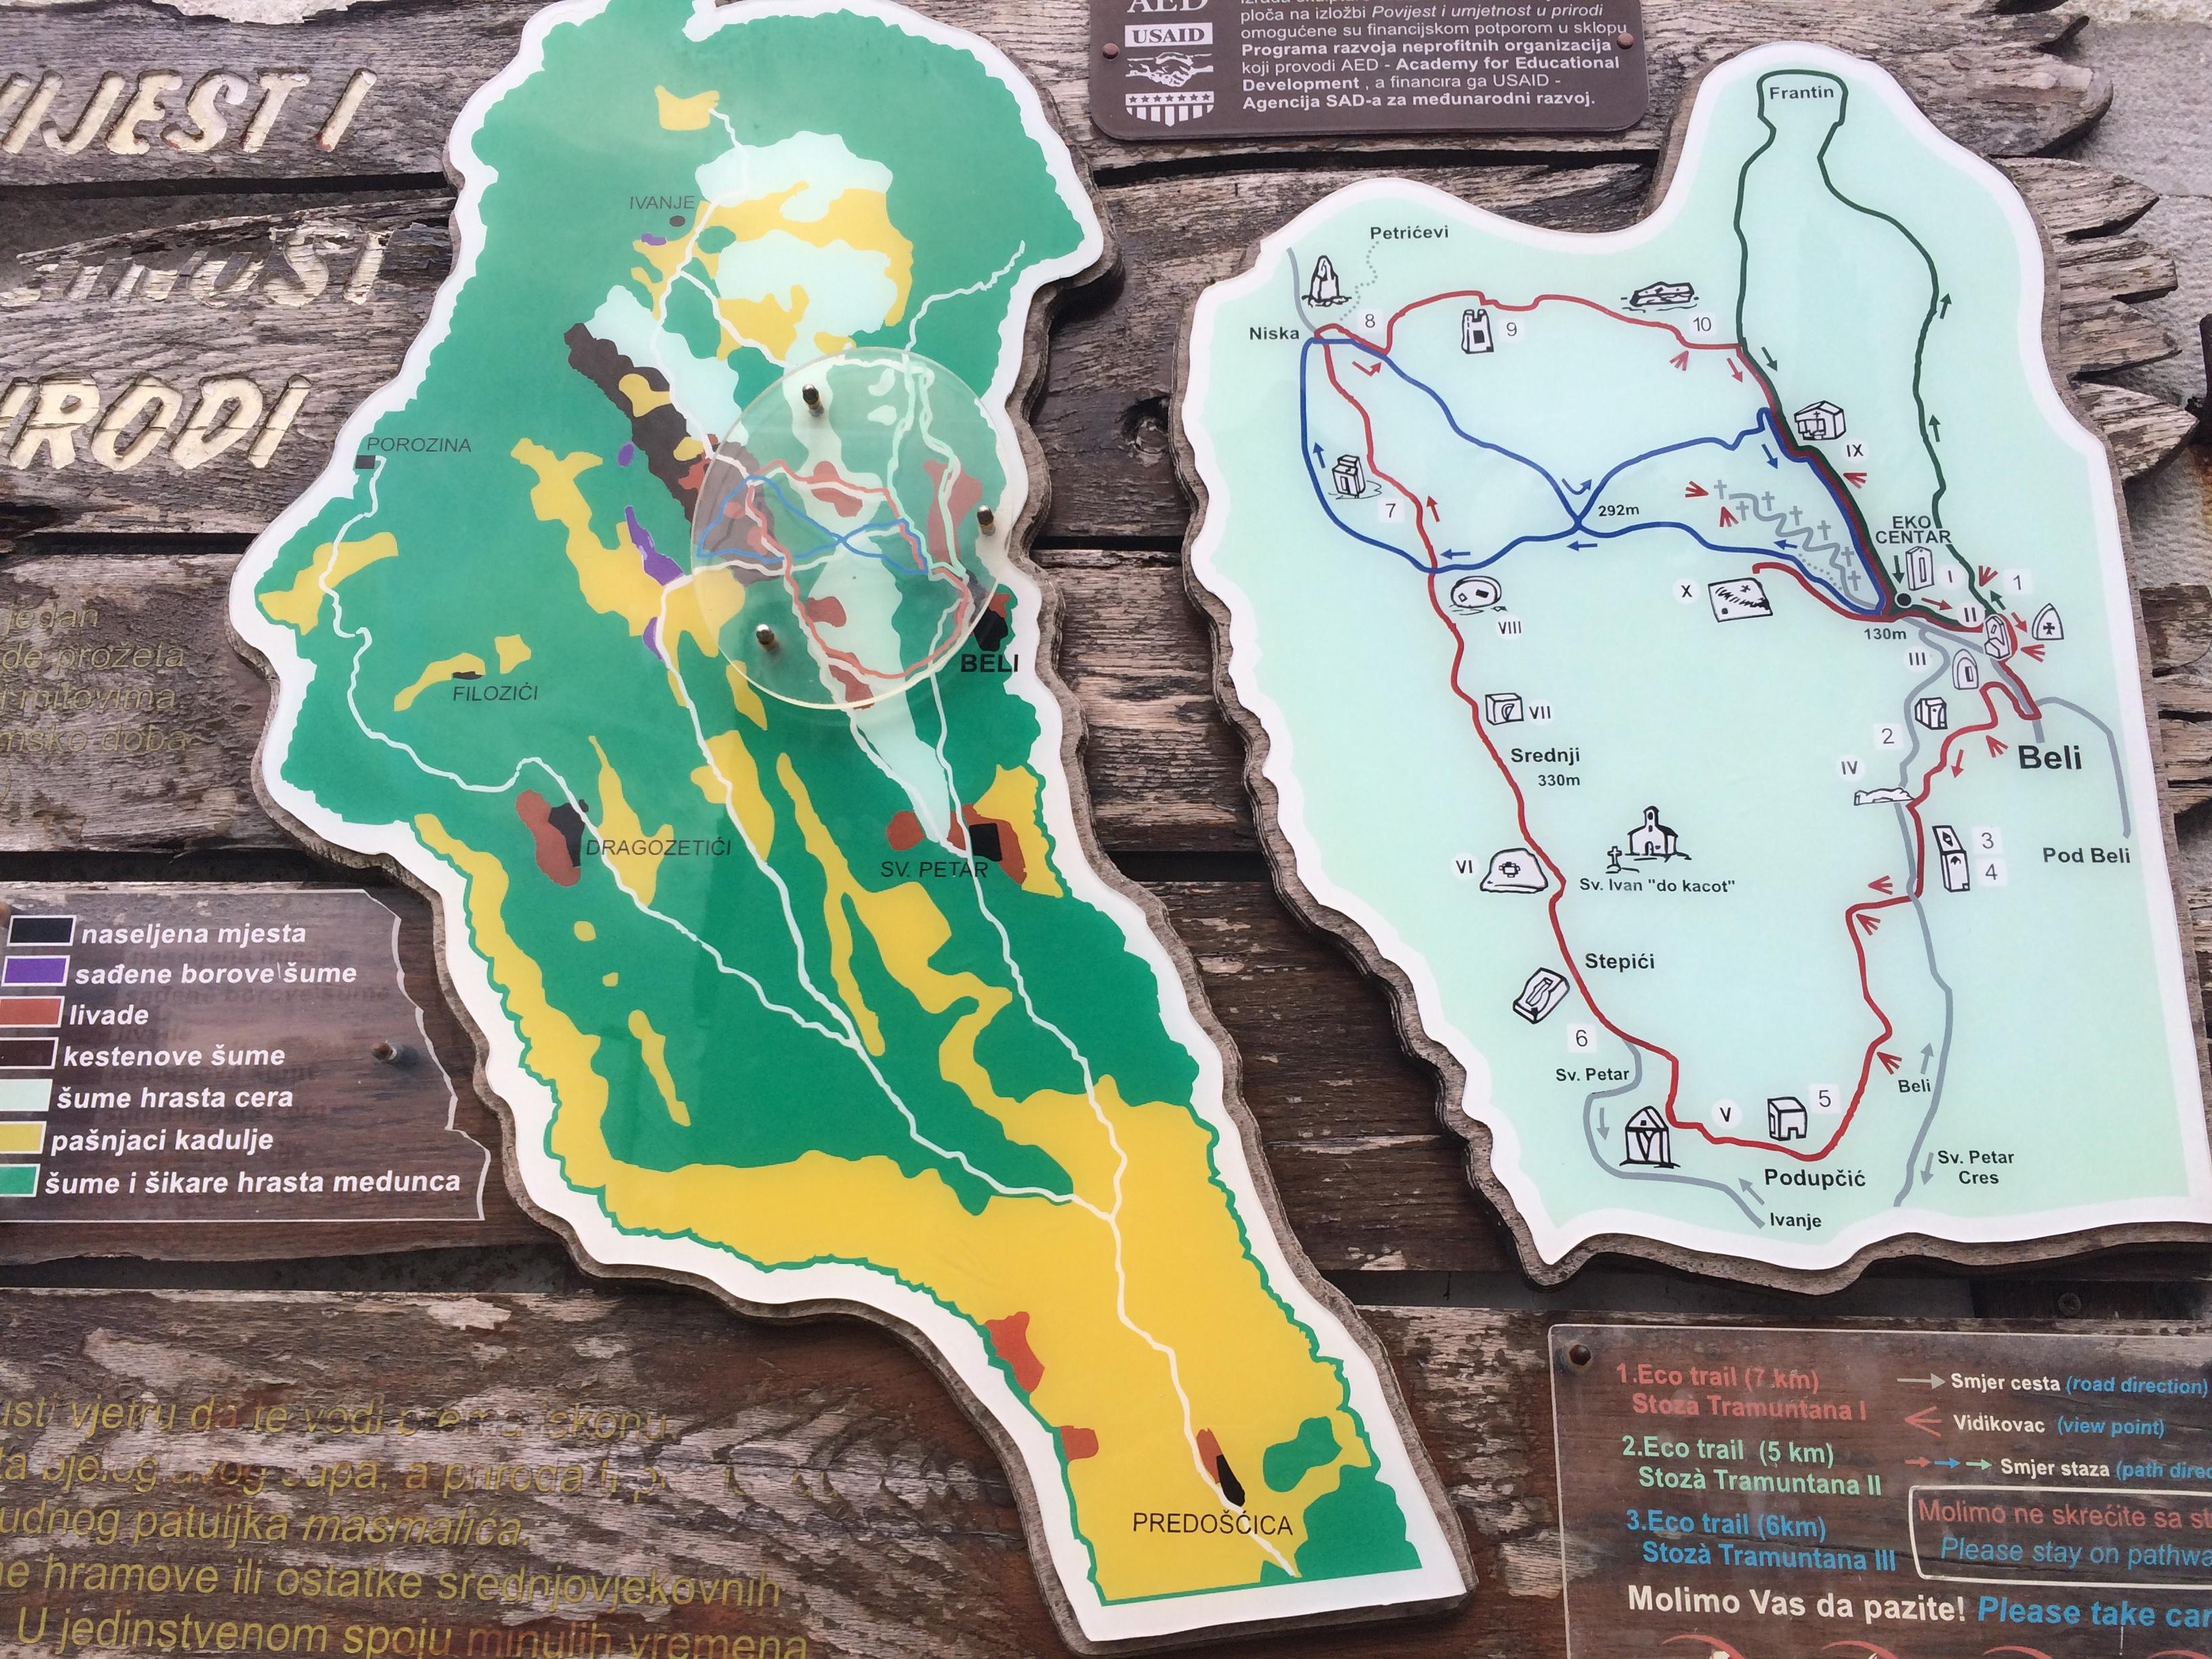 Eko trails (Wanderrouten) rund um Beli auf der Insel Cres, Kroatien.